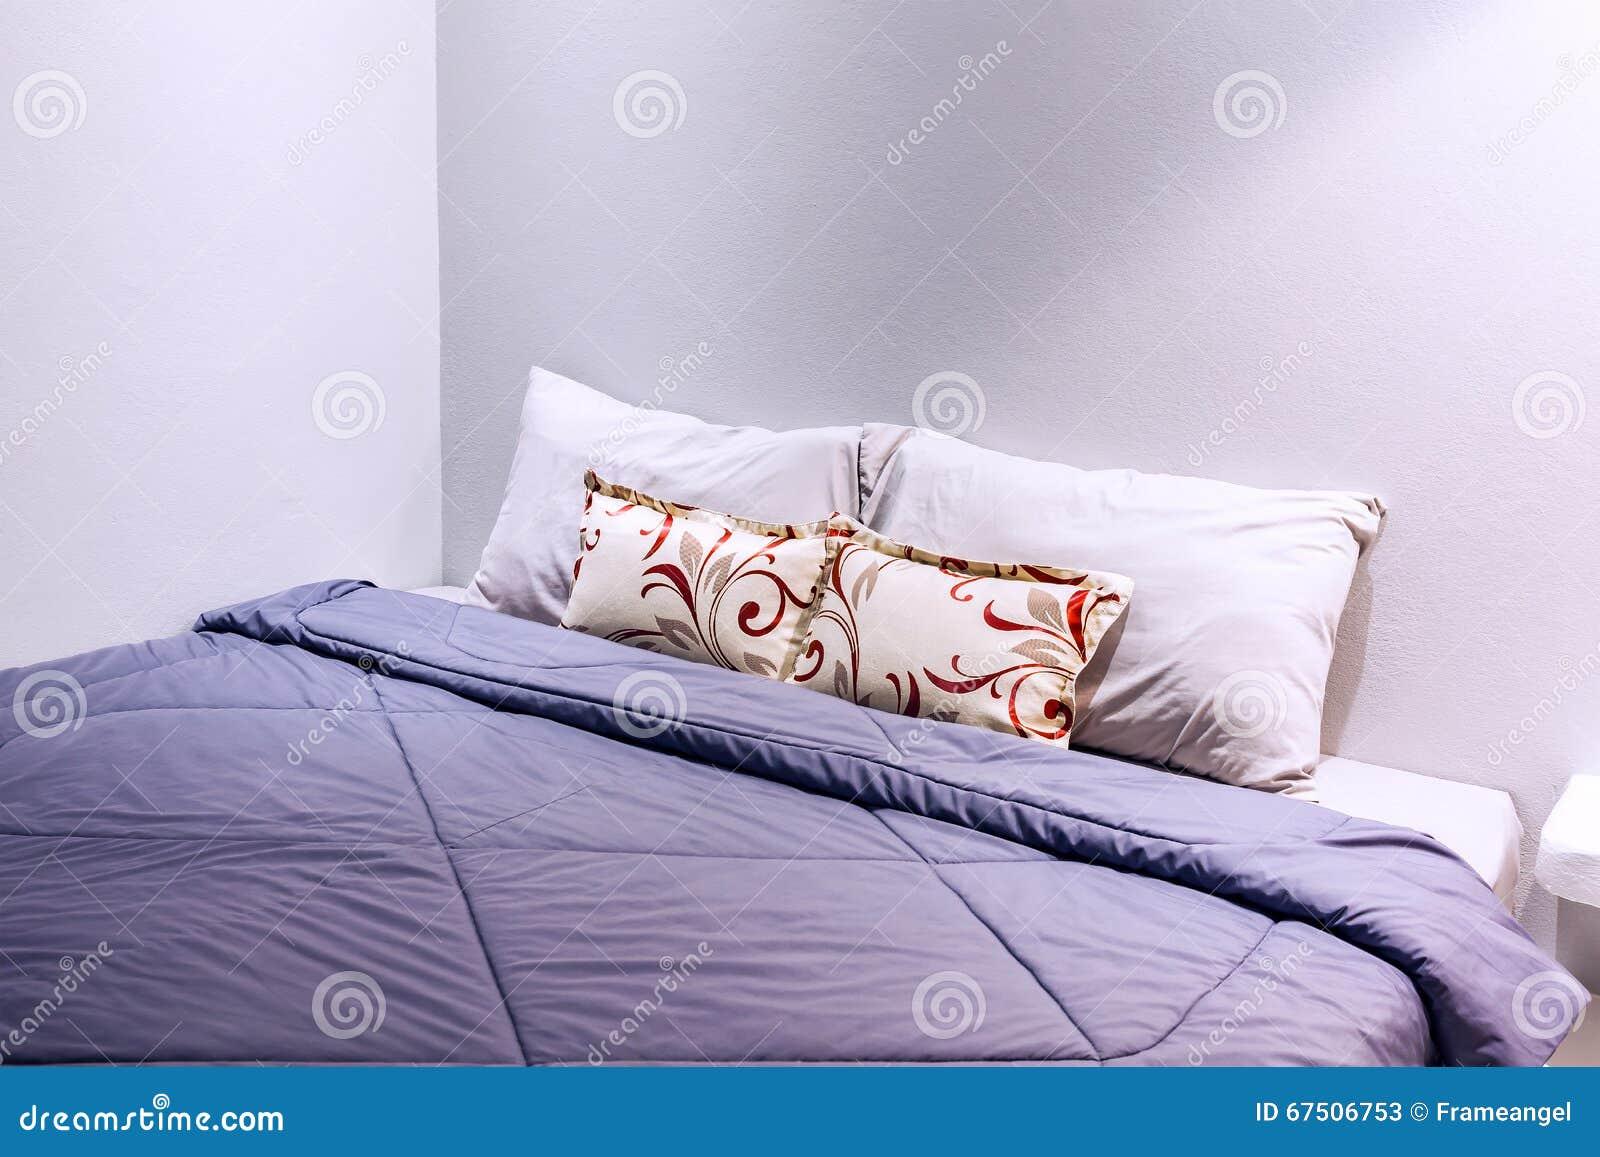 decke schlafzimmer schlafzimmer kommode antik set istikbal bettdecken schutz inkontinenz. Black Bedroom Furniture Sets. Home Design Ideas